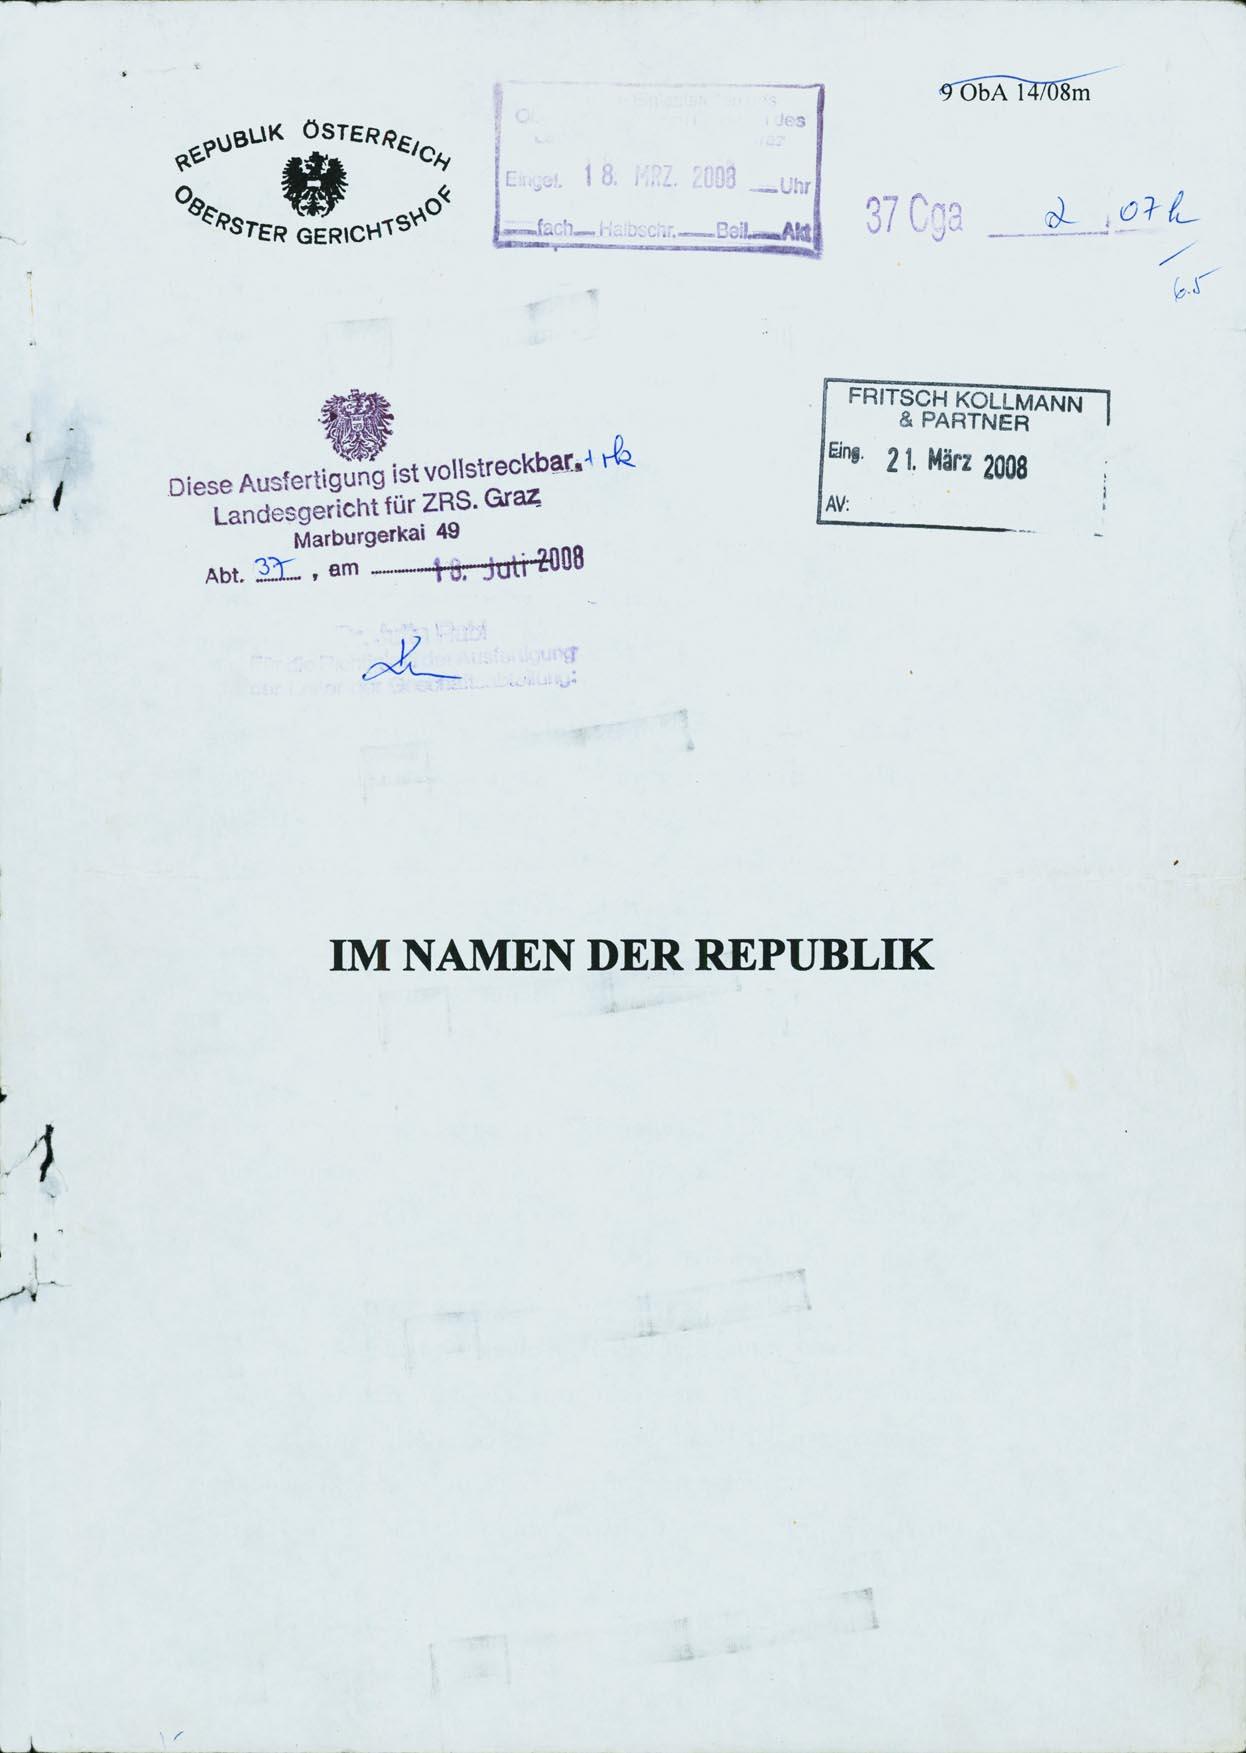 fener Antrag auf überprüfung des OGH Urteils GZ 9ObA14 08m unter